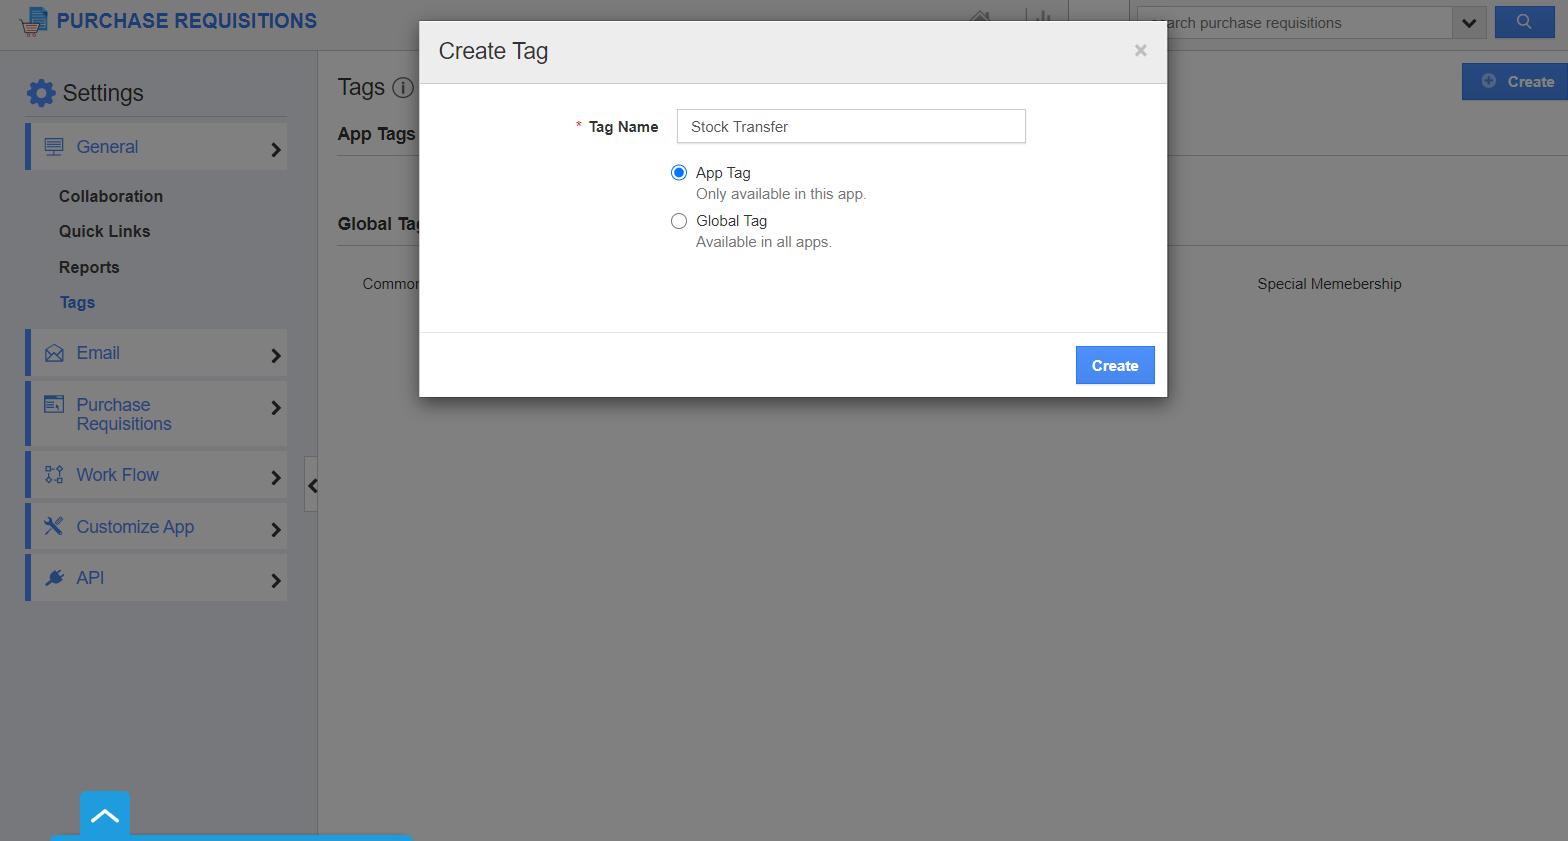 Create App Tag